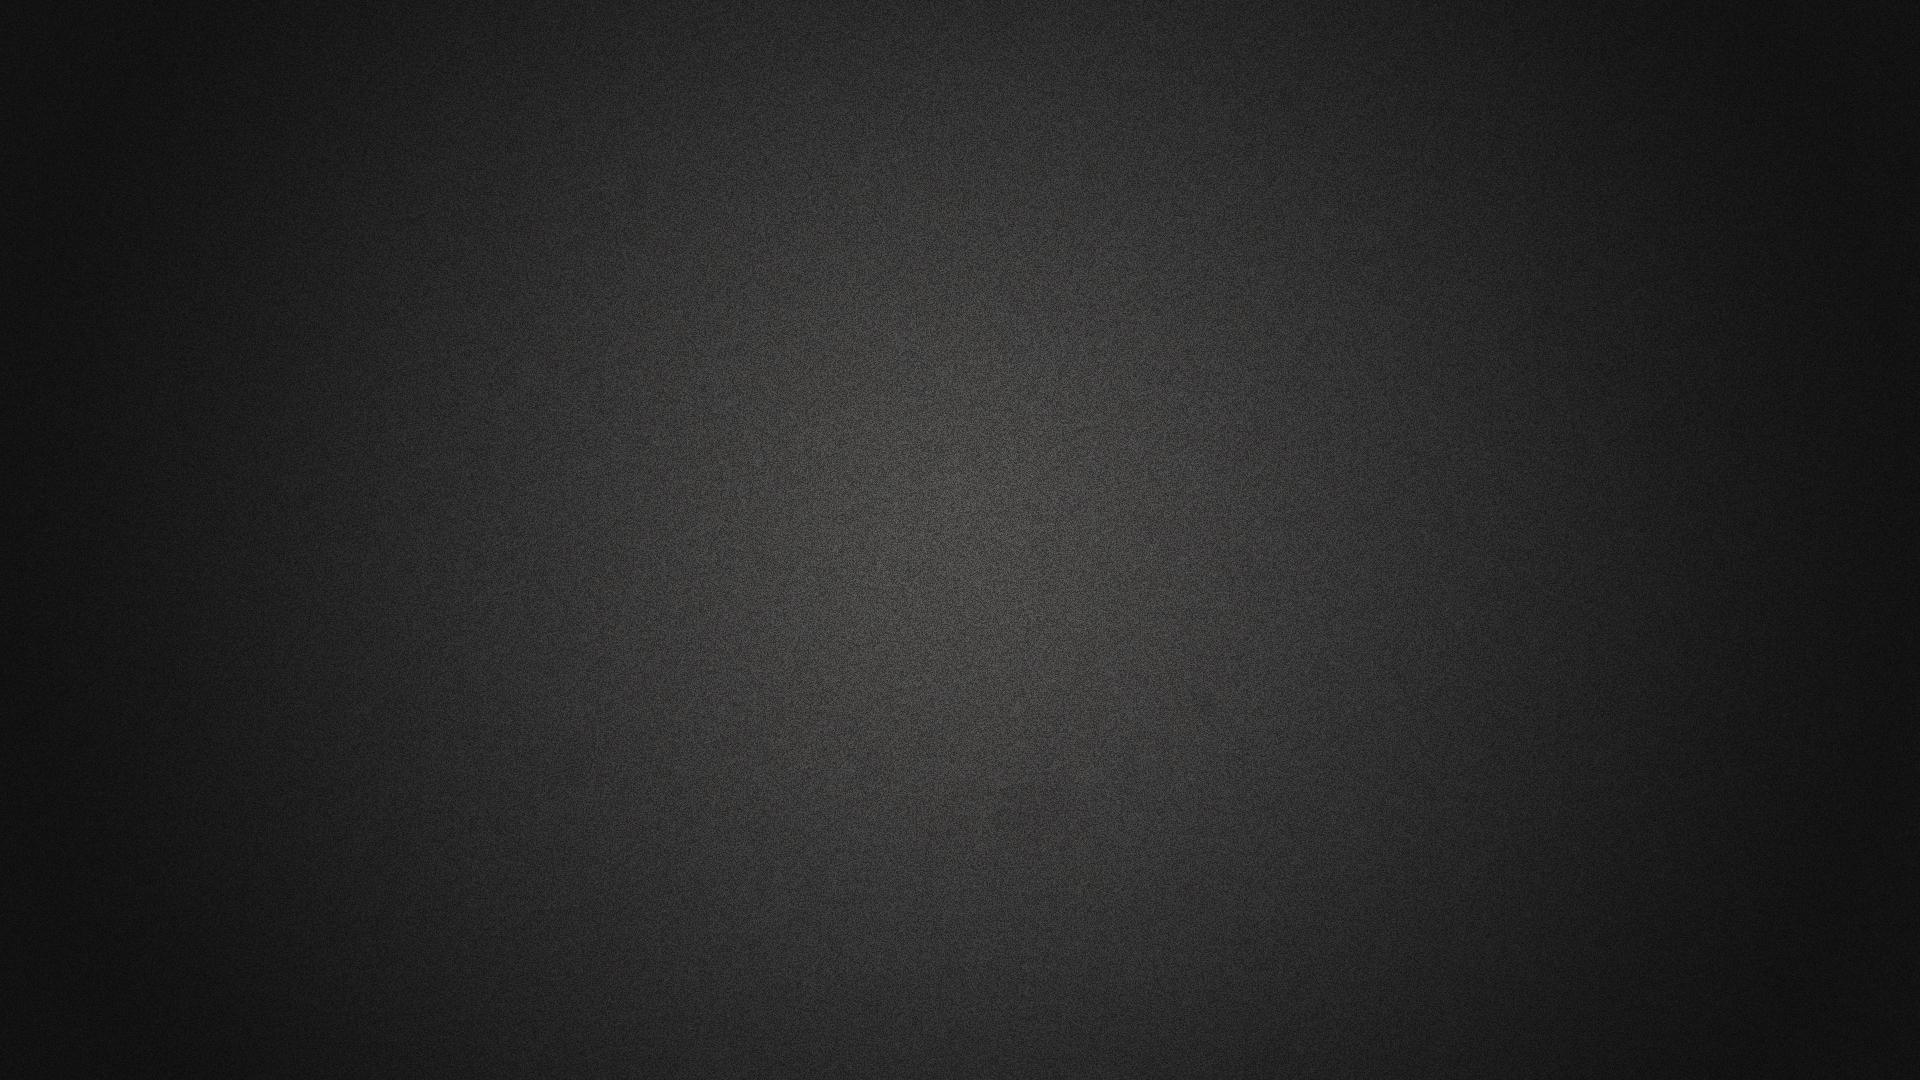 Matte Black Wallpaper